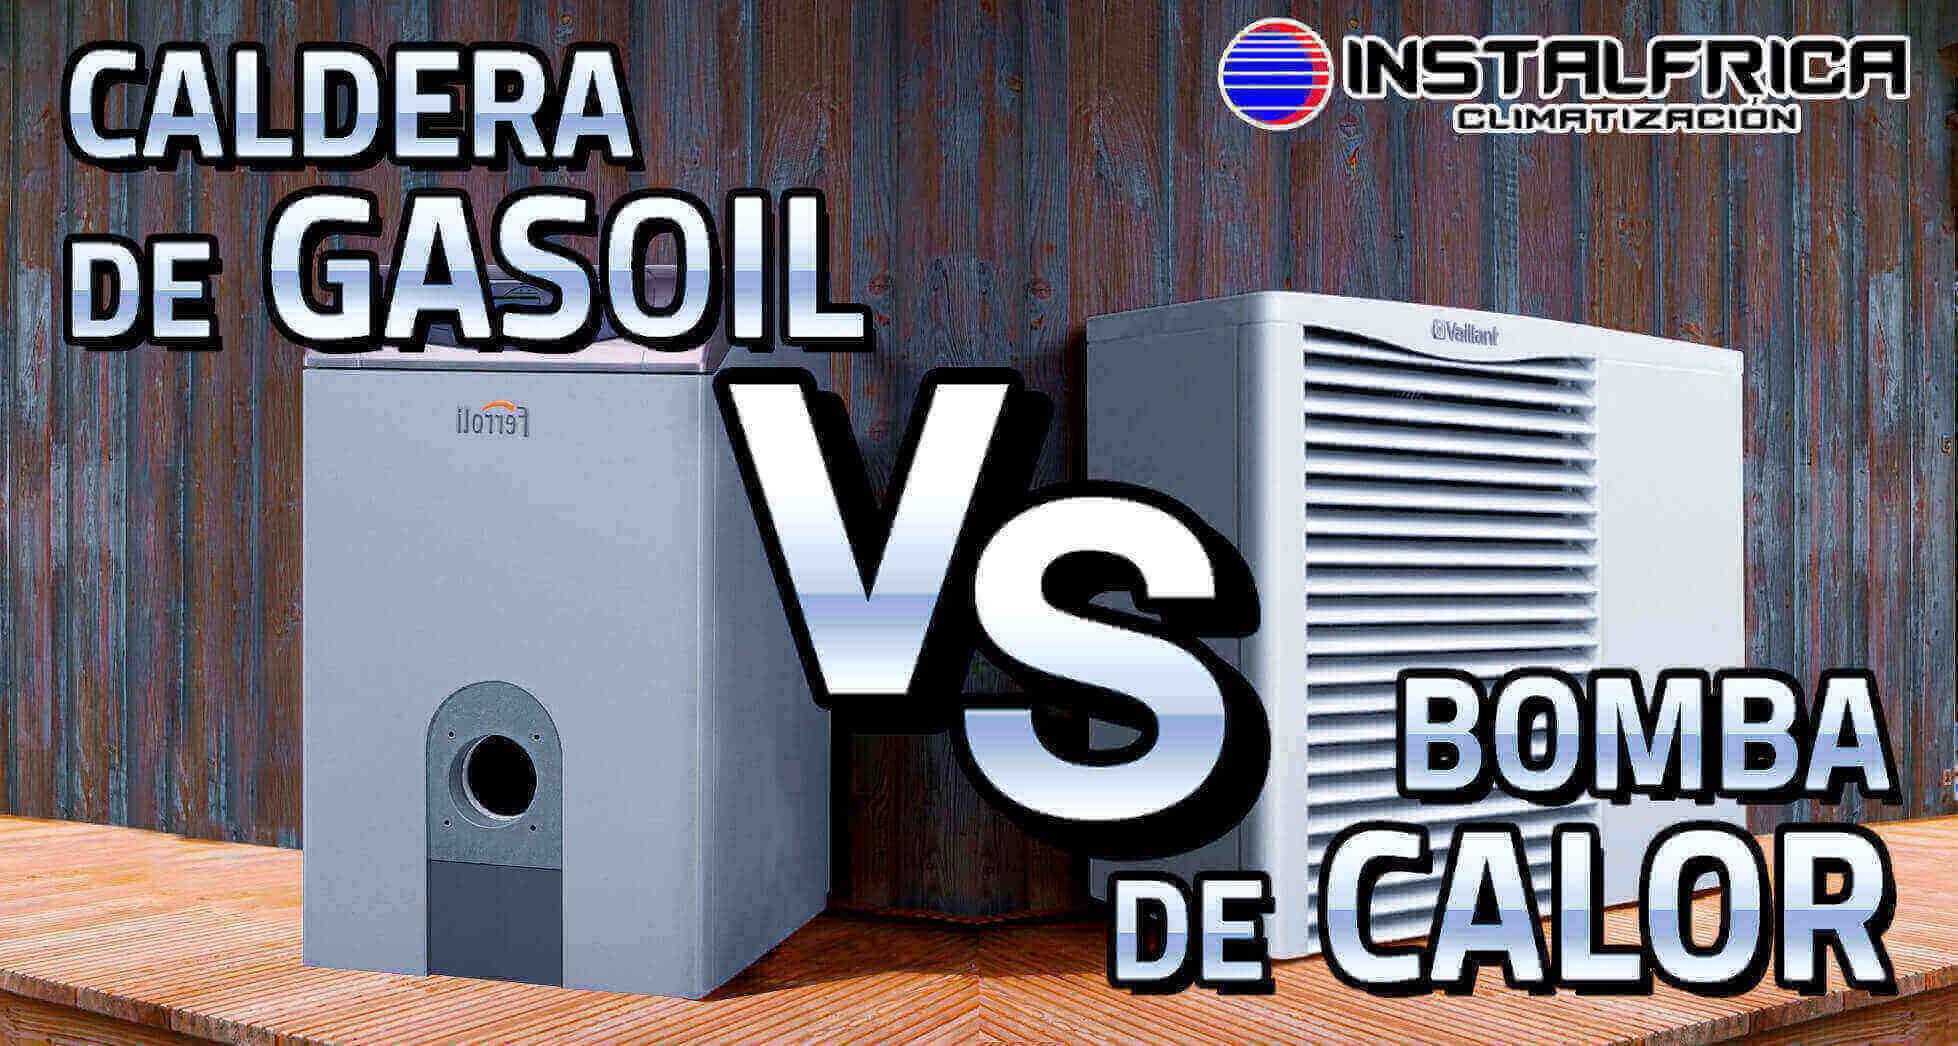 Cambiar caldera de gasoil por bomba de calor for Bomba calefaccion gasoil